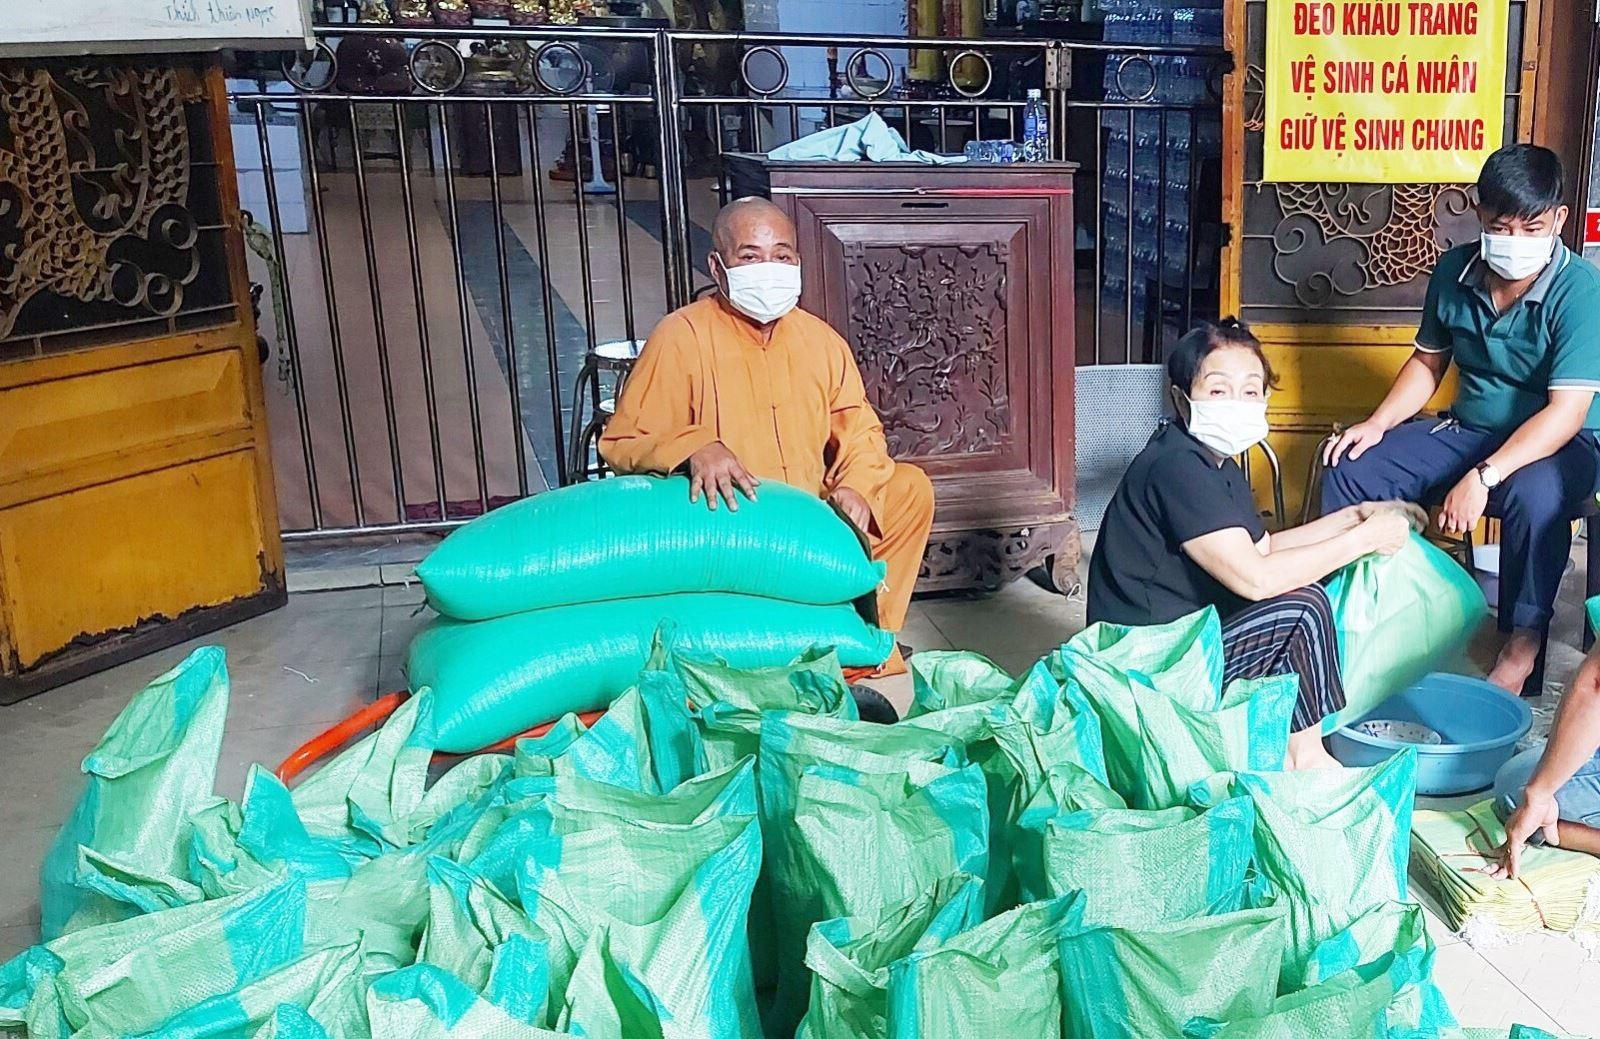 Phật giáo Việt Nam đoàn kết chung tay giúp đỡ nhân dân vượt qua đại dịch COVID-19